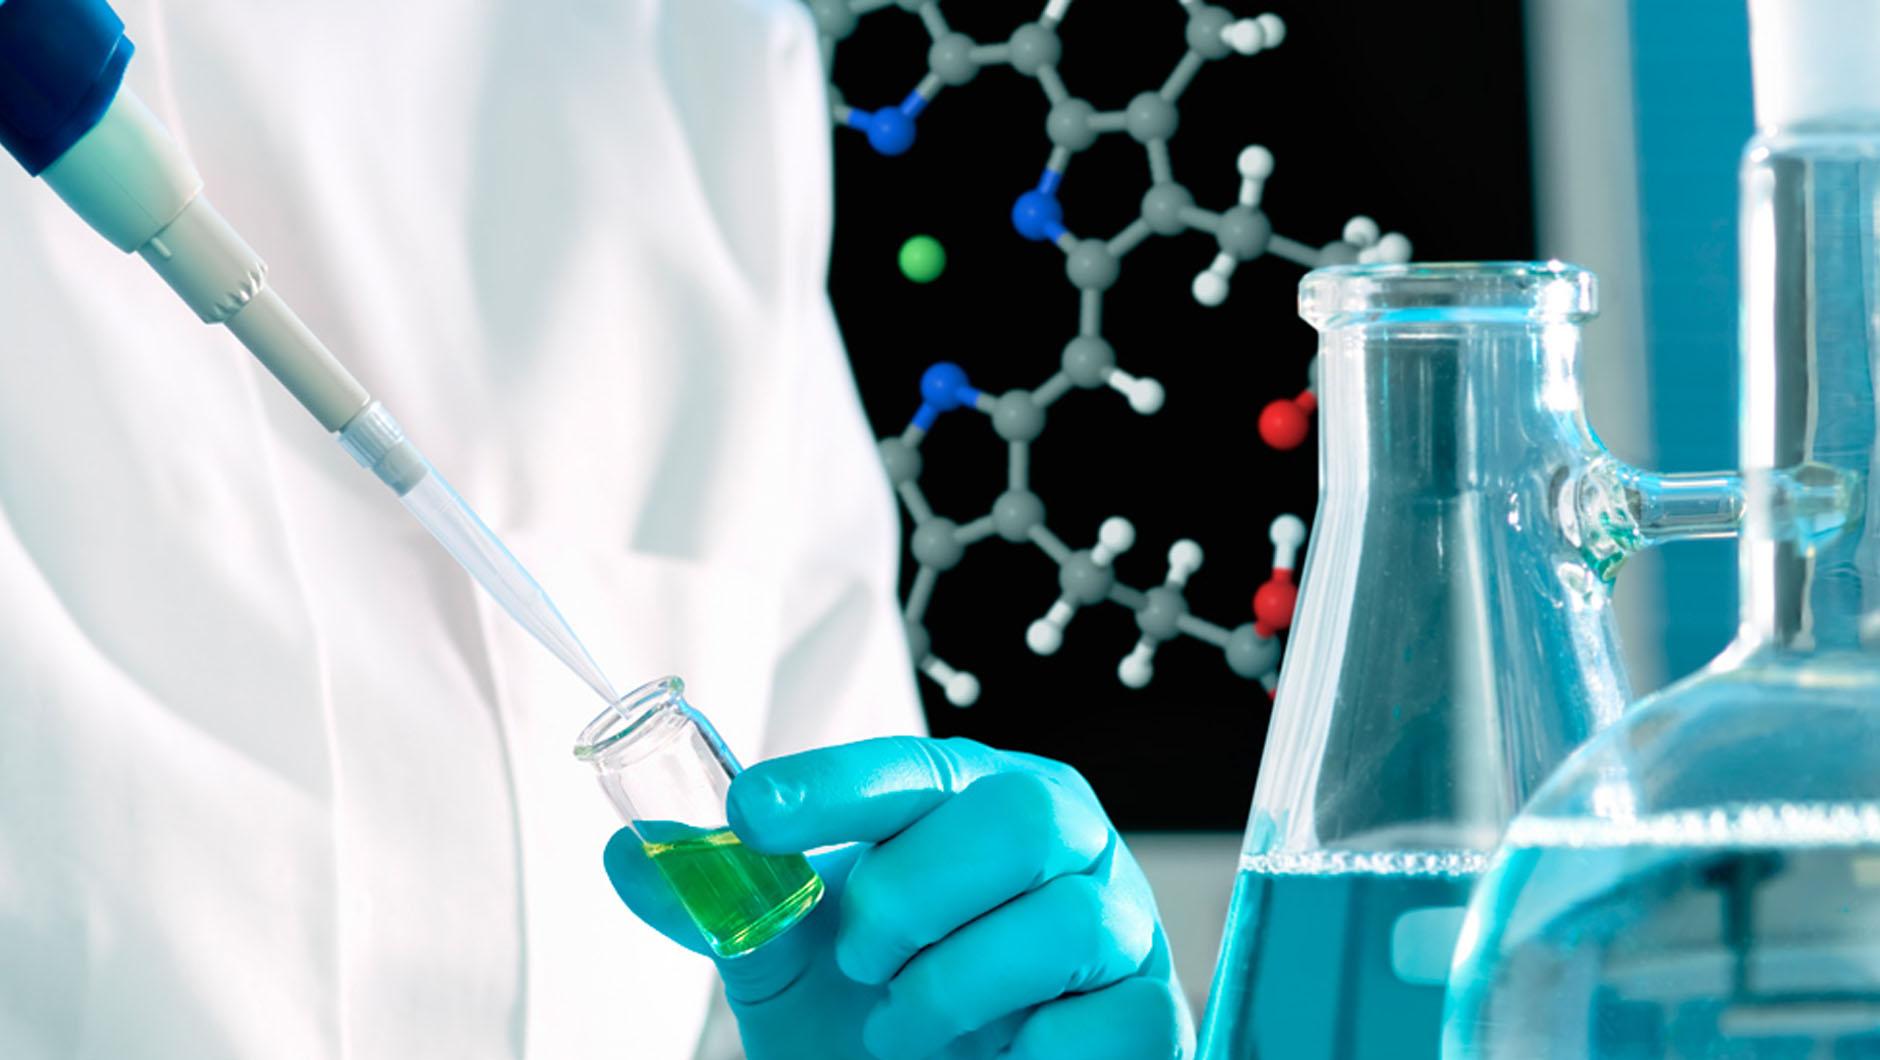 Інститут хімії високомолекулярних сполук НАН України оголошує набір до аспірантури на 2018 рік за спеціальностями